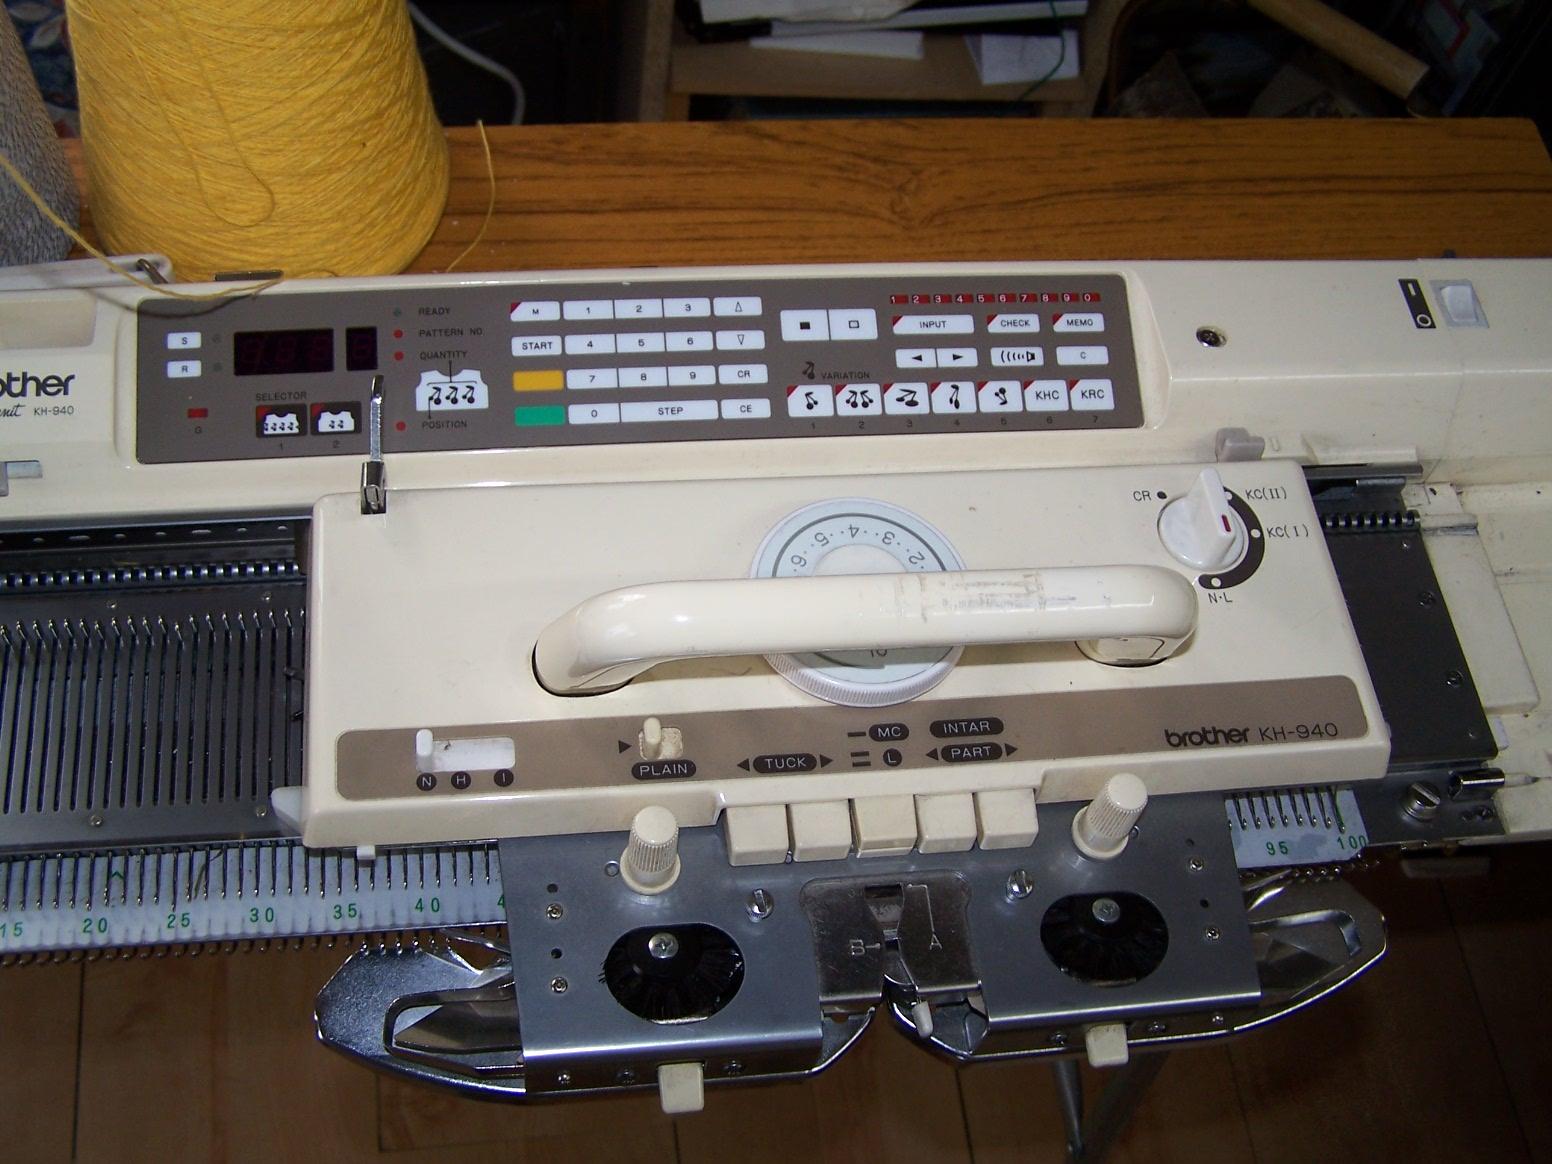 Brother 940 Knitting Machine